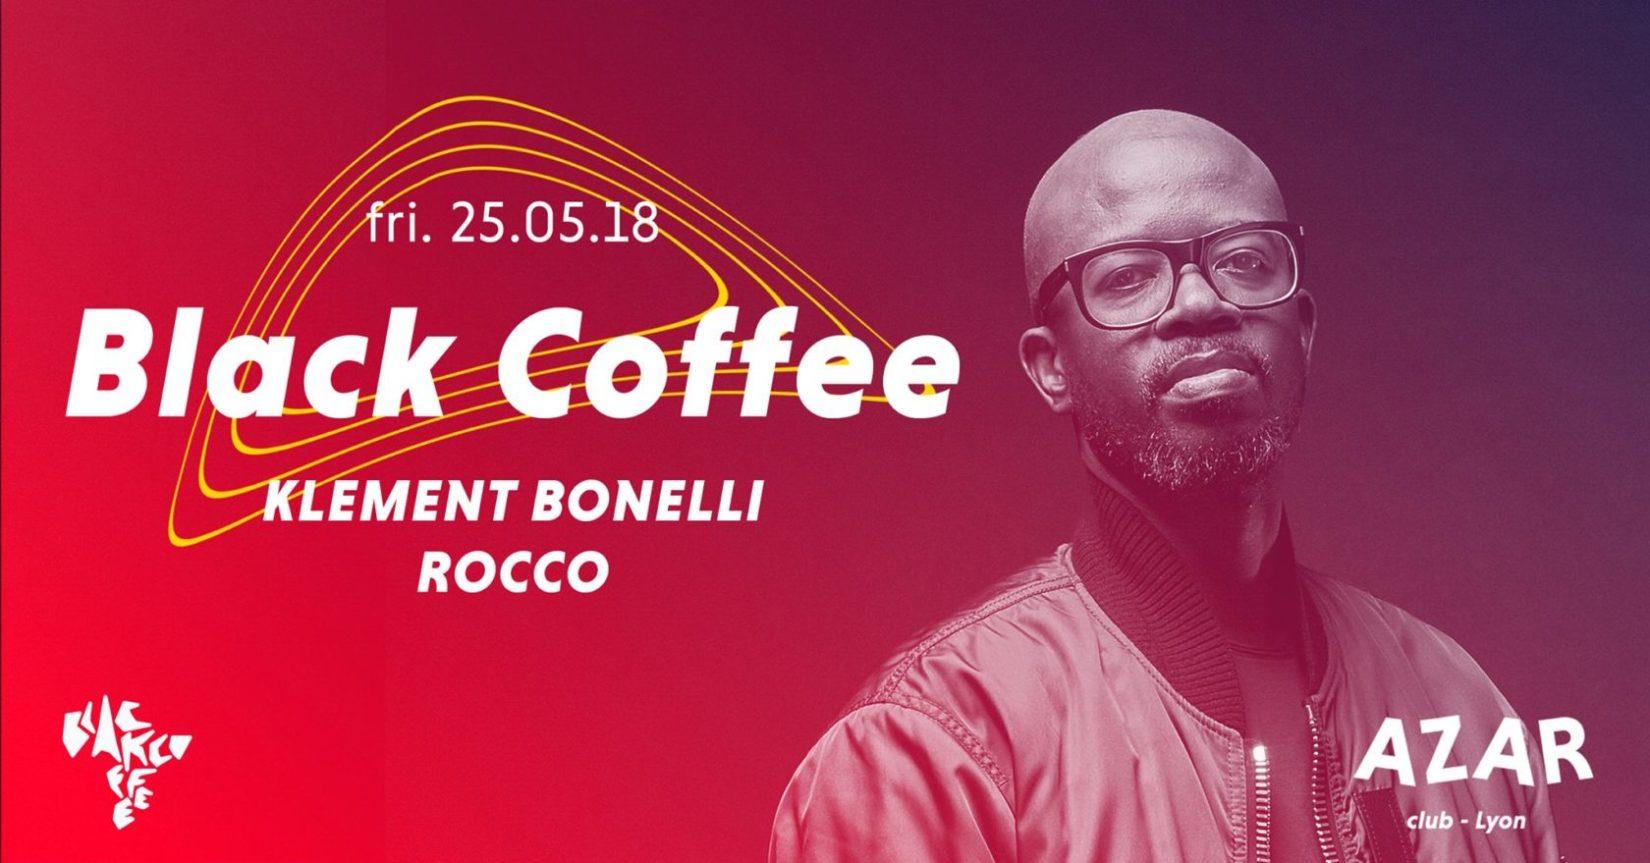 Black Coffee - AZAR club